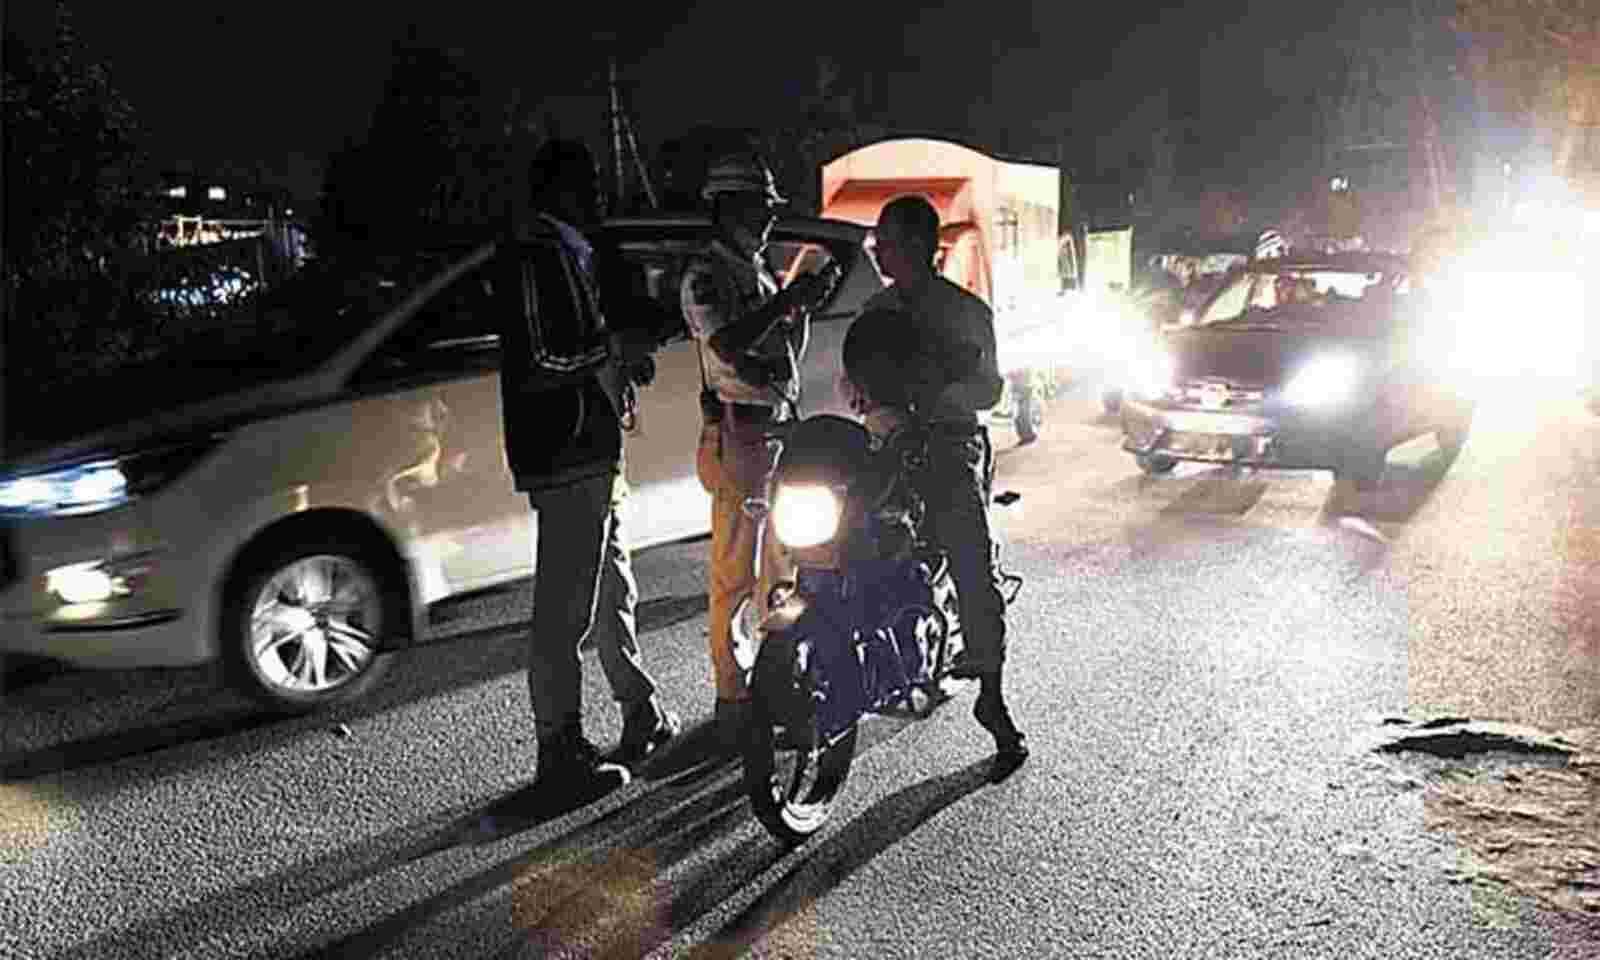 حیدرآباد:حالت نشہ میں گاڑیاں چلانے والے 353افراد کو جیل کی سزا